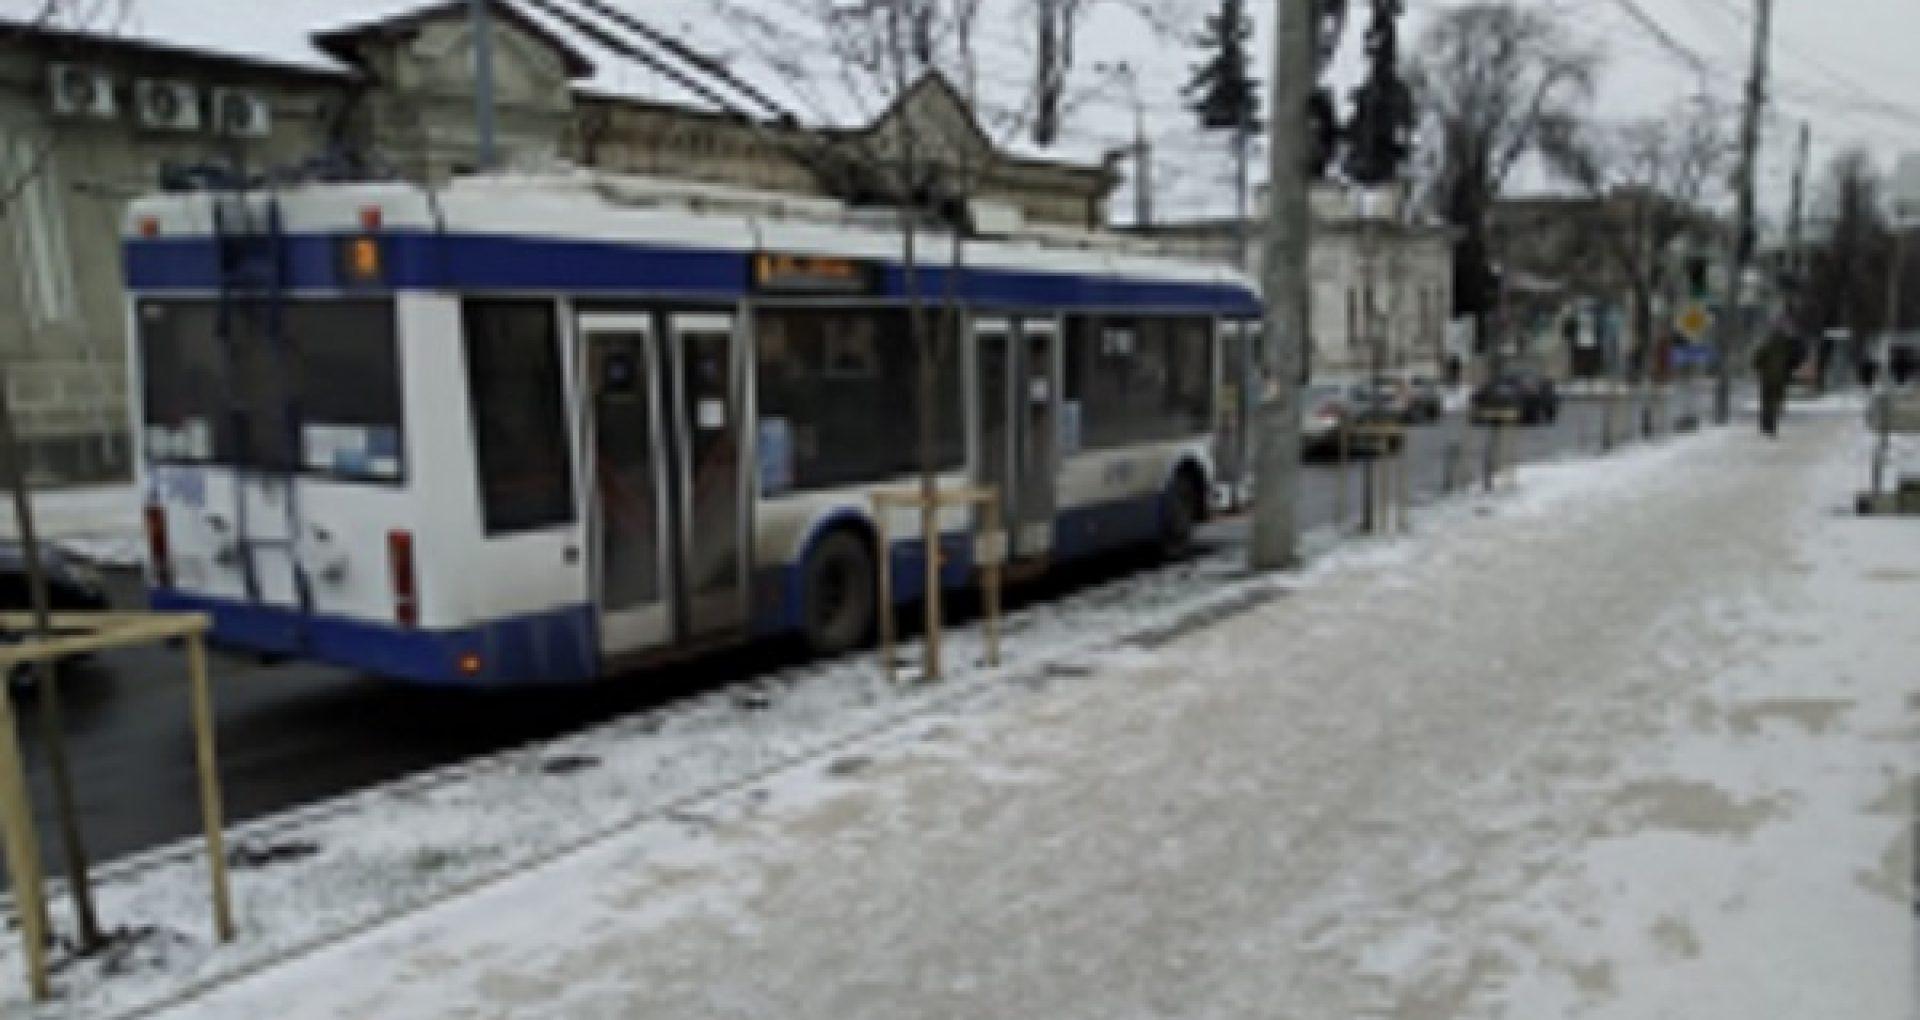 Situația pe străzile din Capitală privind deszăpezirea și circulația transportului public: peste 200 de tone de material antiderapant – împrăștiate pe drumuri